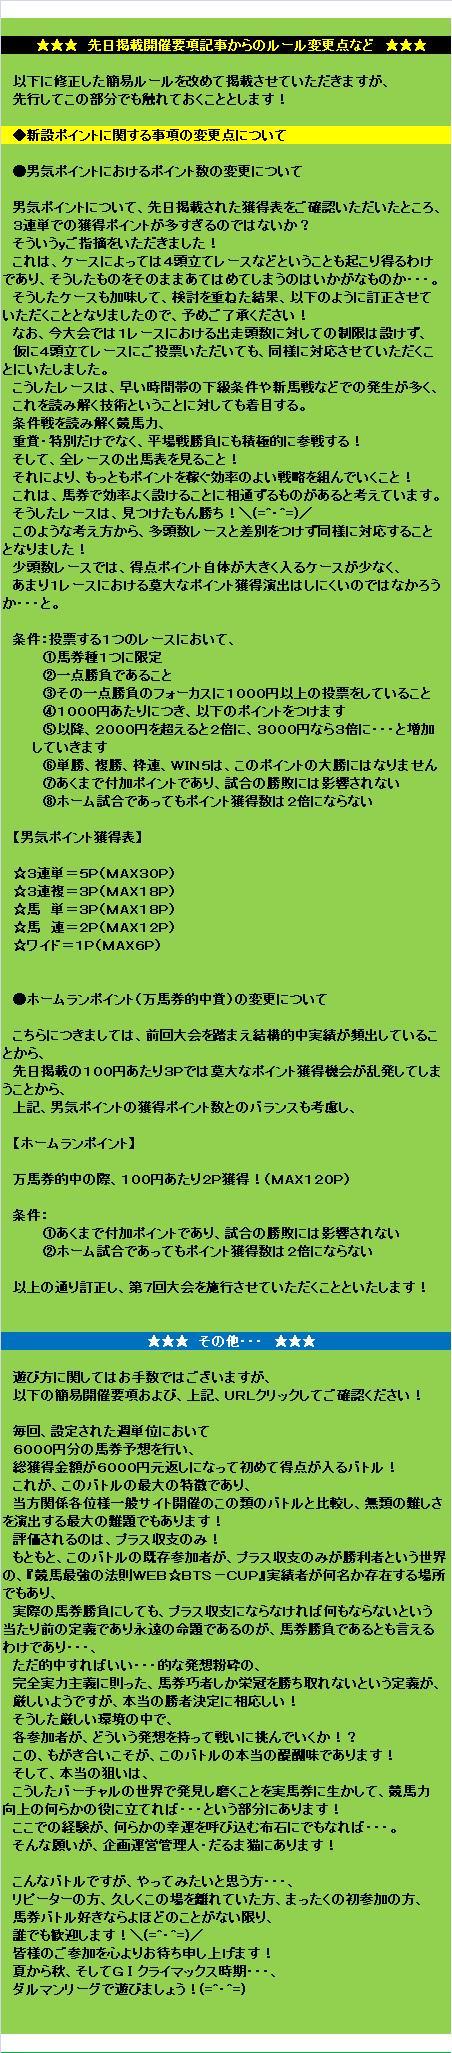 20150515・ダルマンリーグ第7回大会最終告知③修正A.jpg